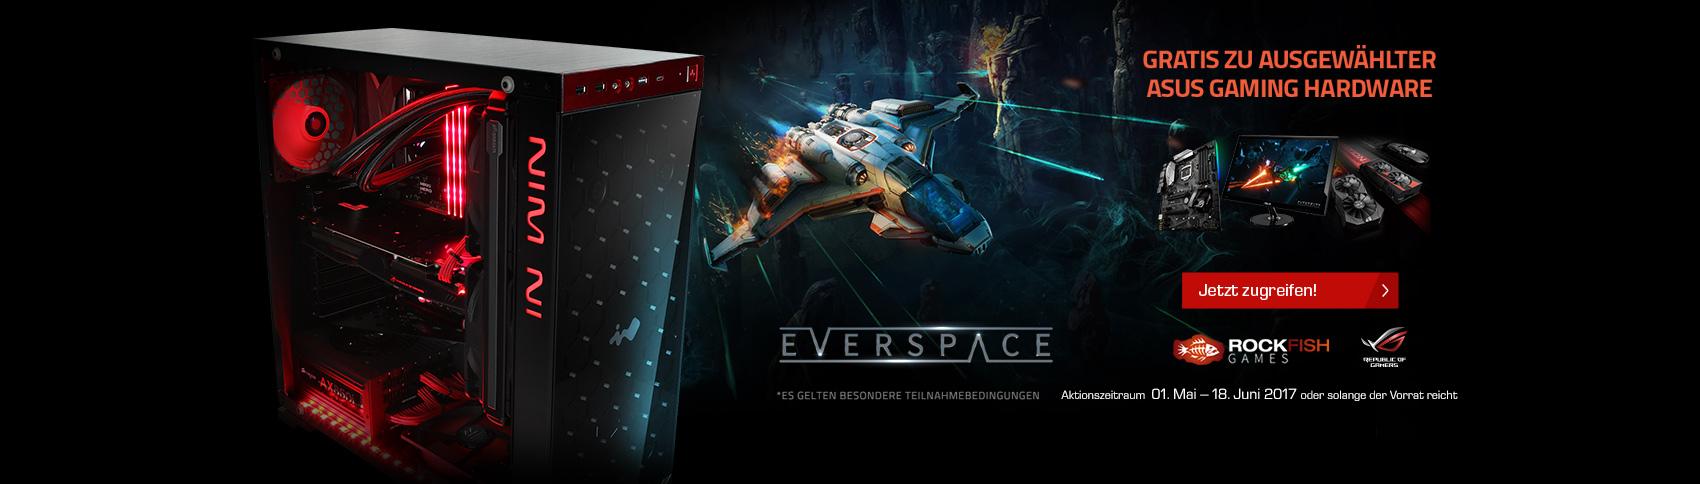 ASUS Game Bundle Everspace